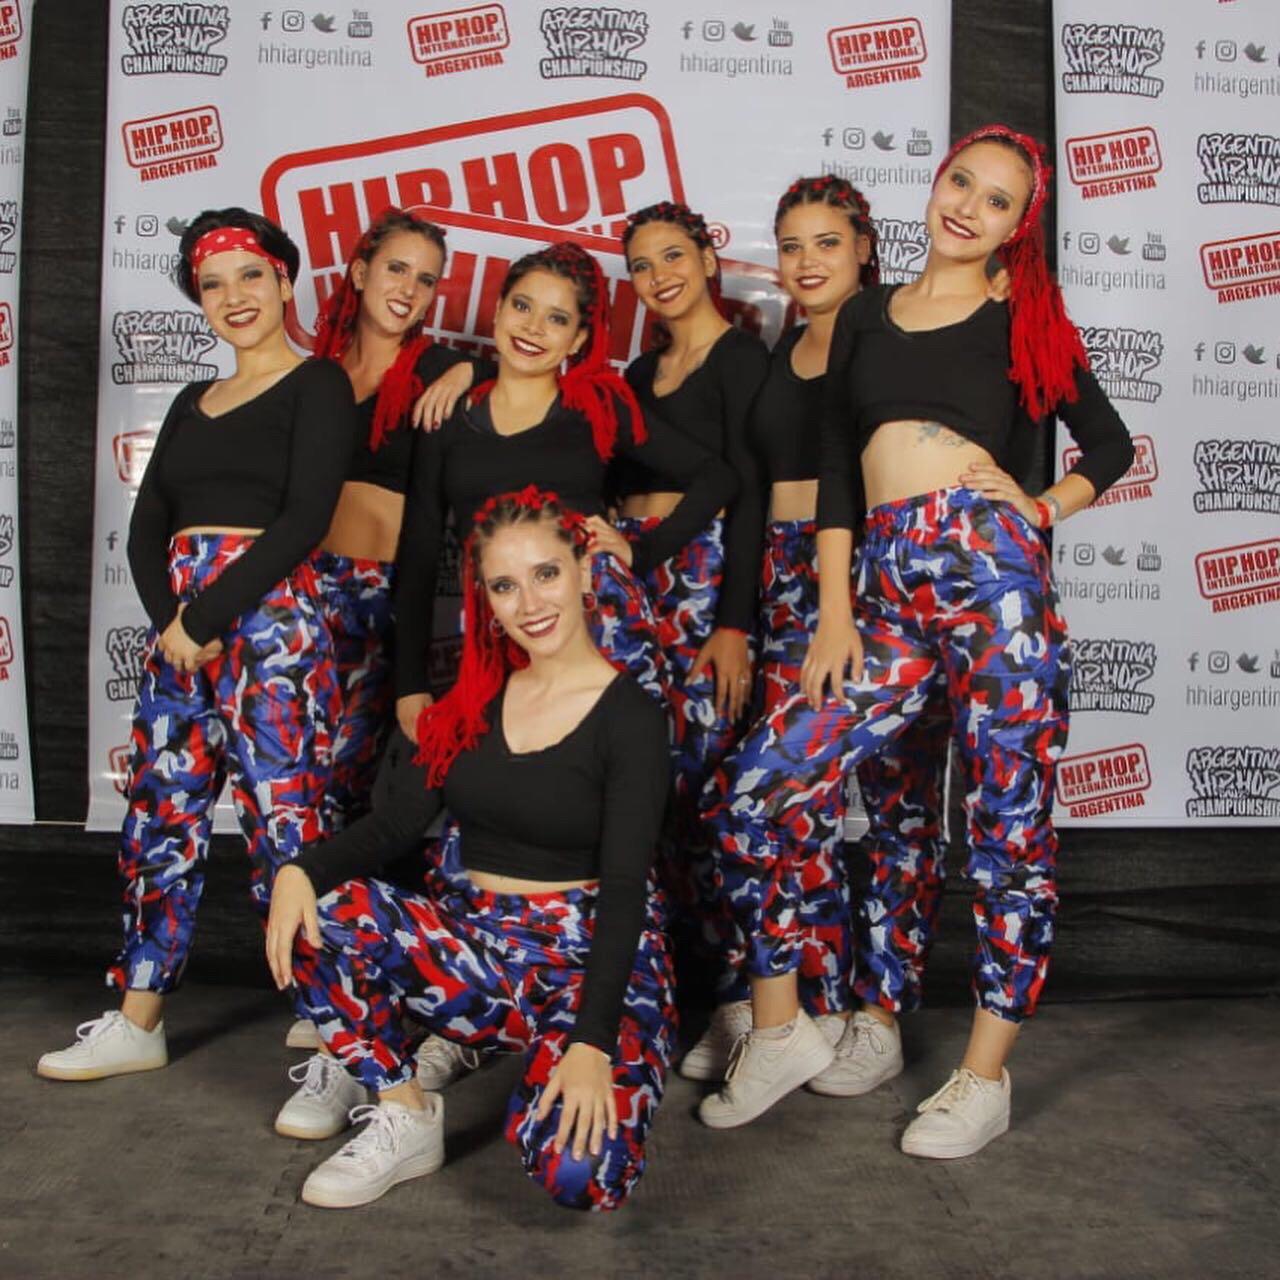 Misiones tiene Hip Hop del bueno e irá al Mundial para representar al país el próximo año